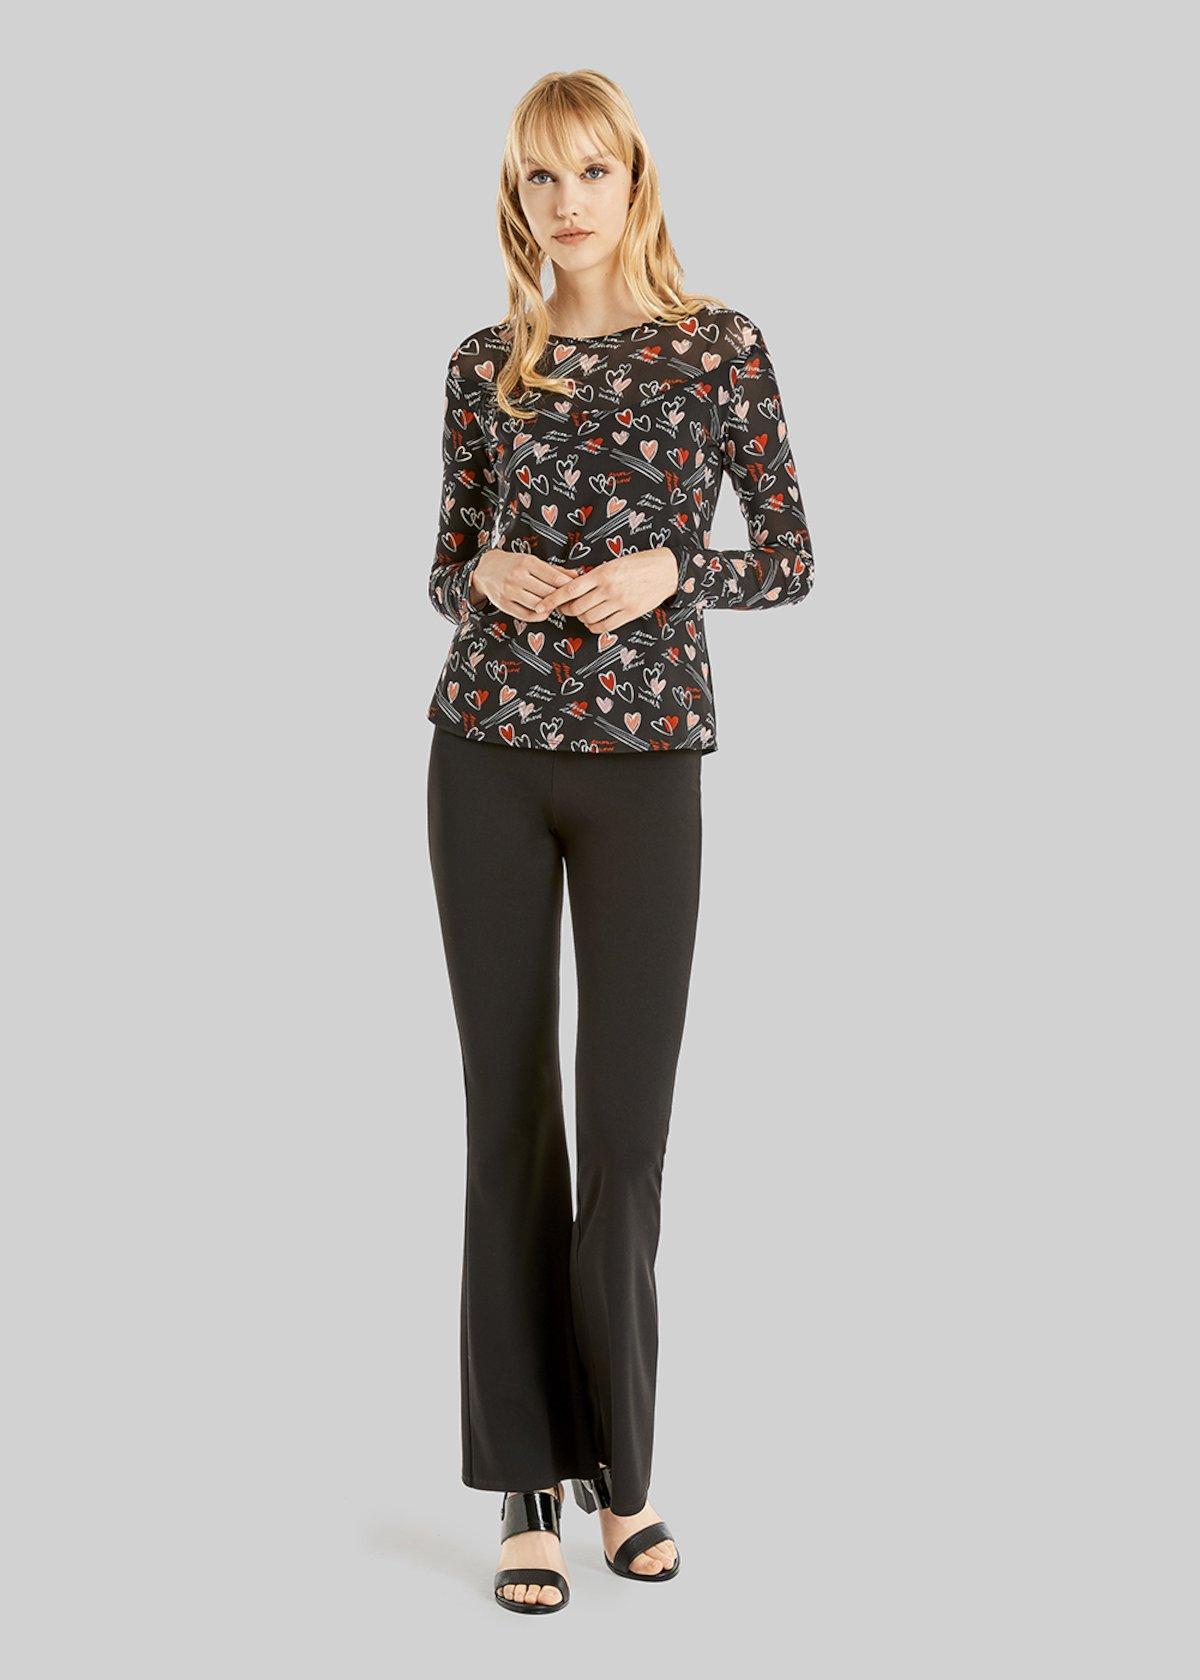 Pantaloni Parides in scuba crepe modello zampa - Black